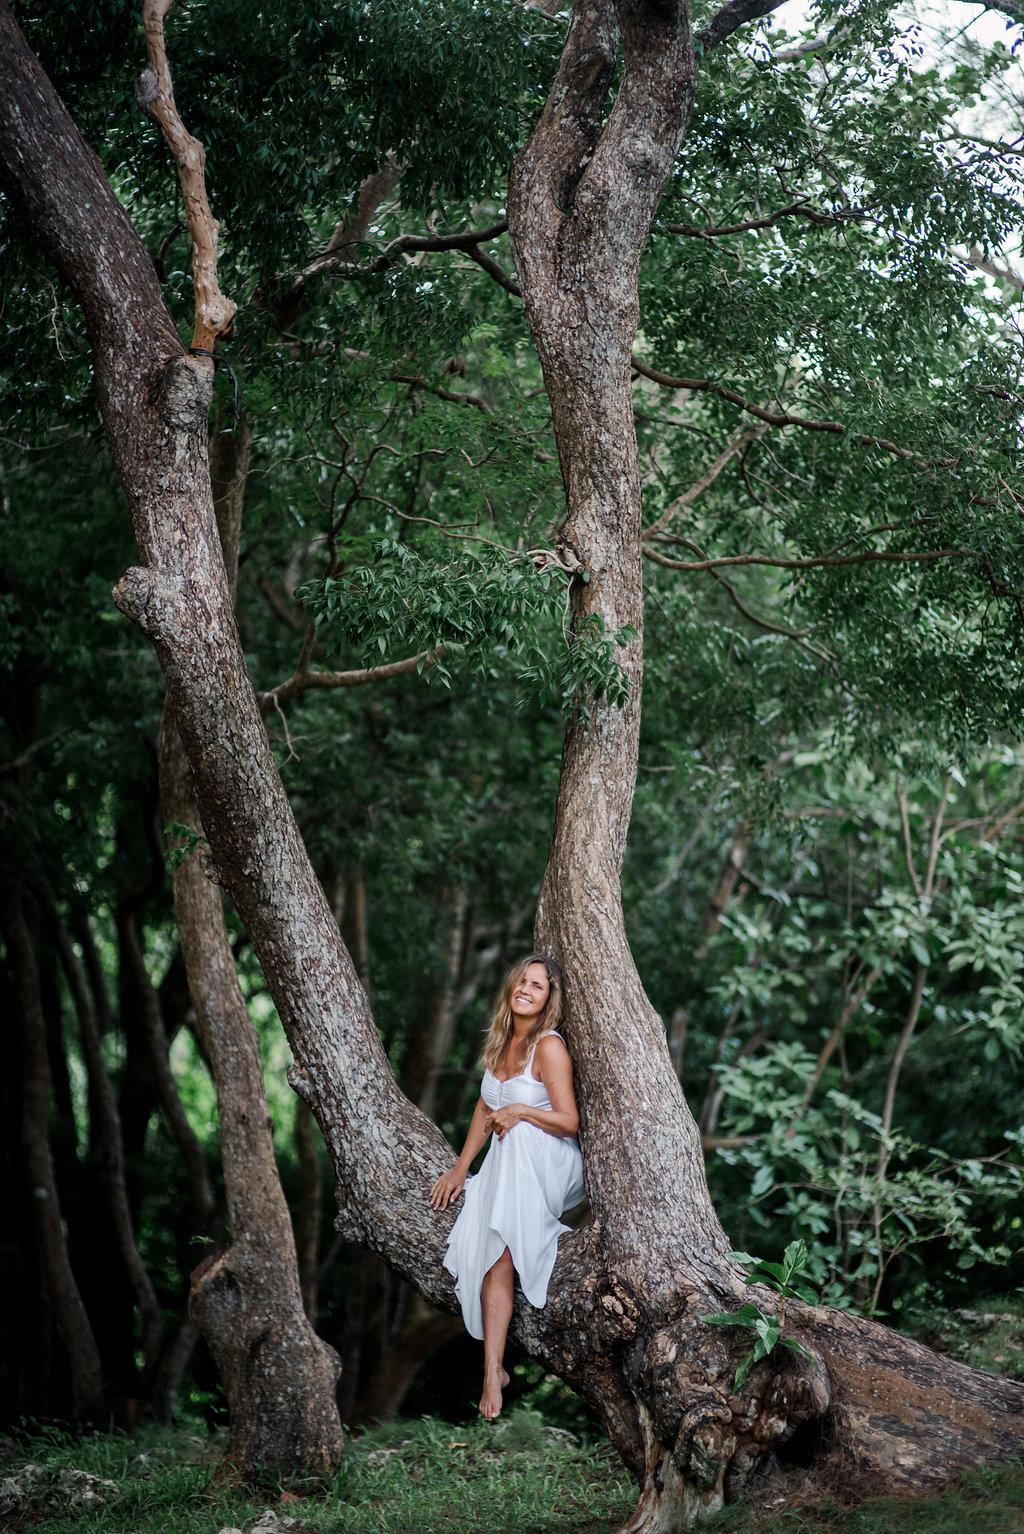 the fairy trees of barbados - the mahogany tree